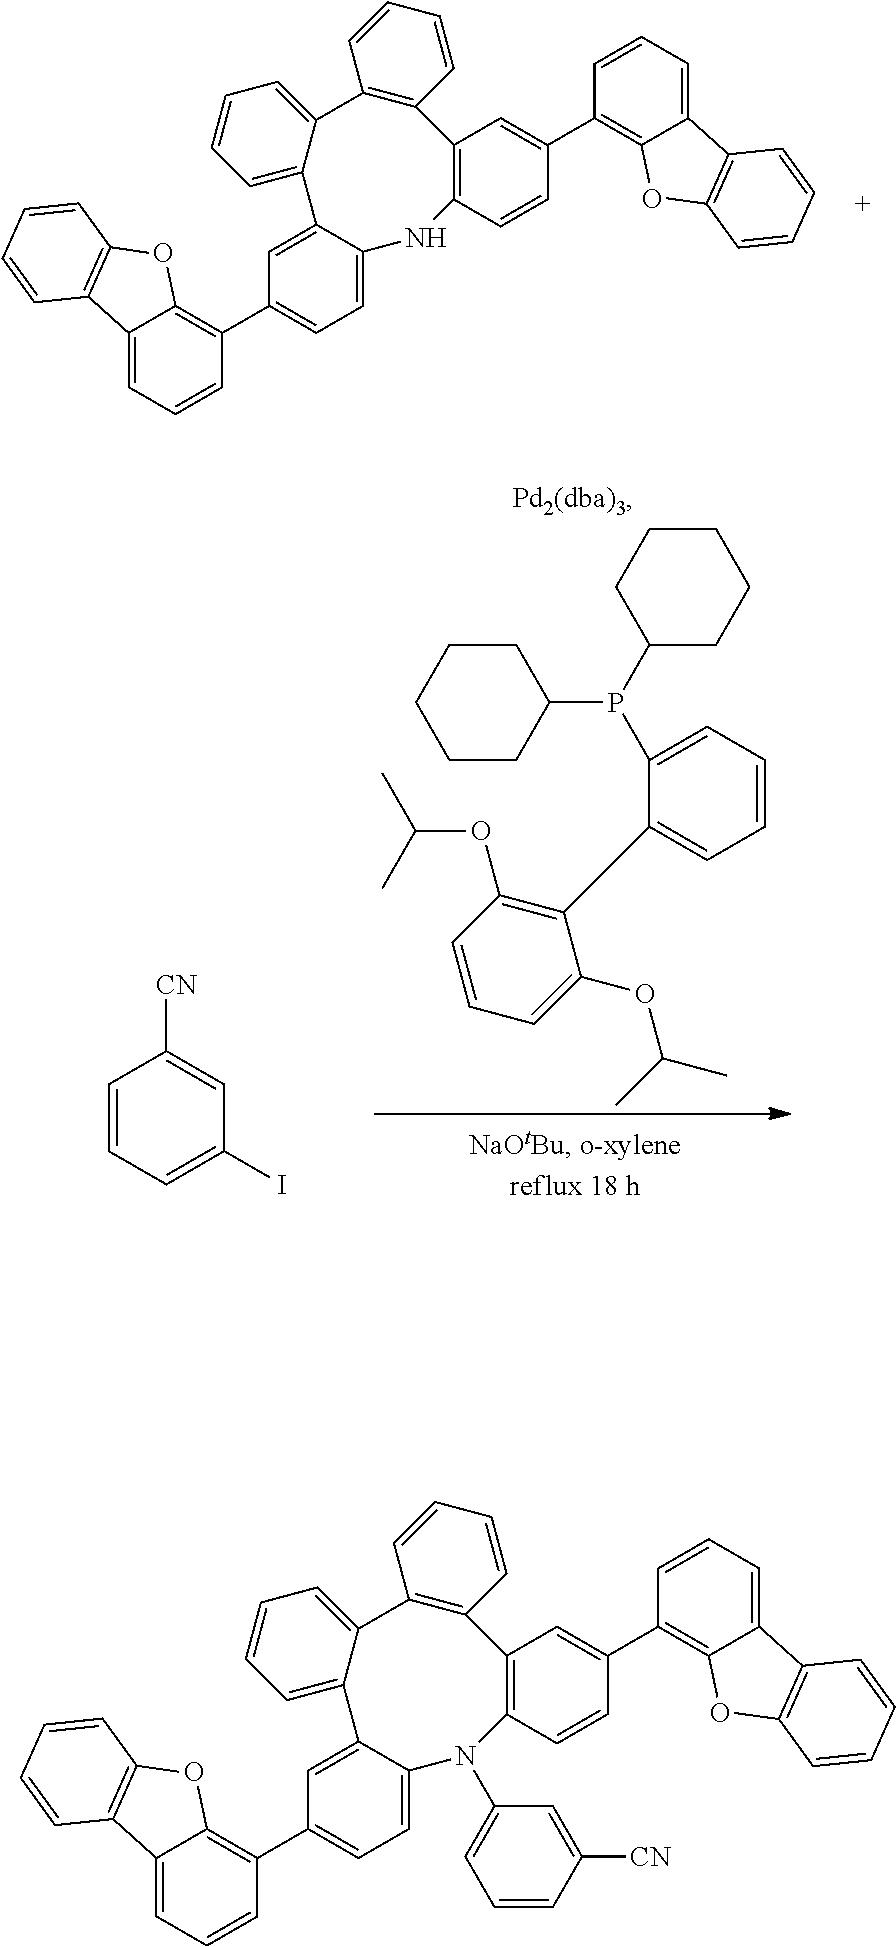 Figure US09978956-20180522-C00118